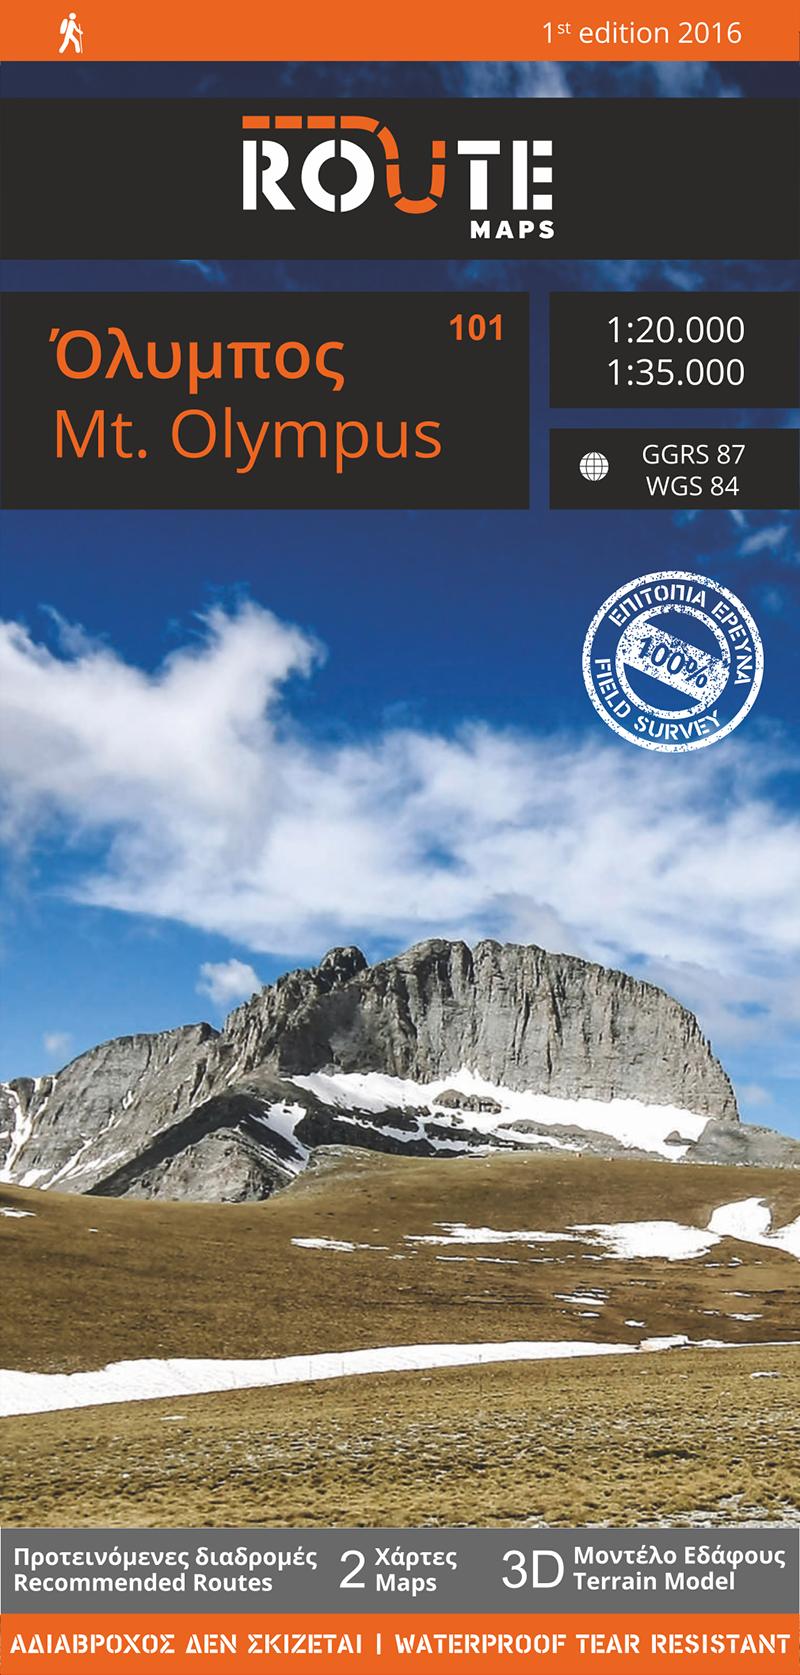 Το εξώφυλλο του έντυπου πεζοπορικού χάρτη για τον Όλυμπο από τη ROUTE